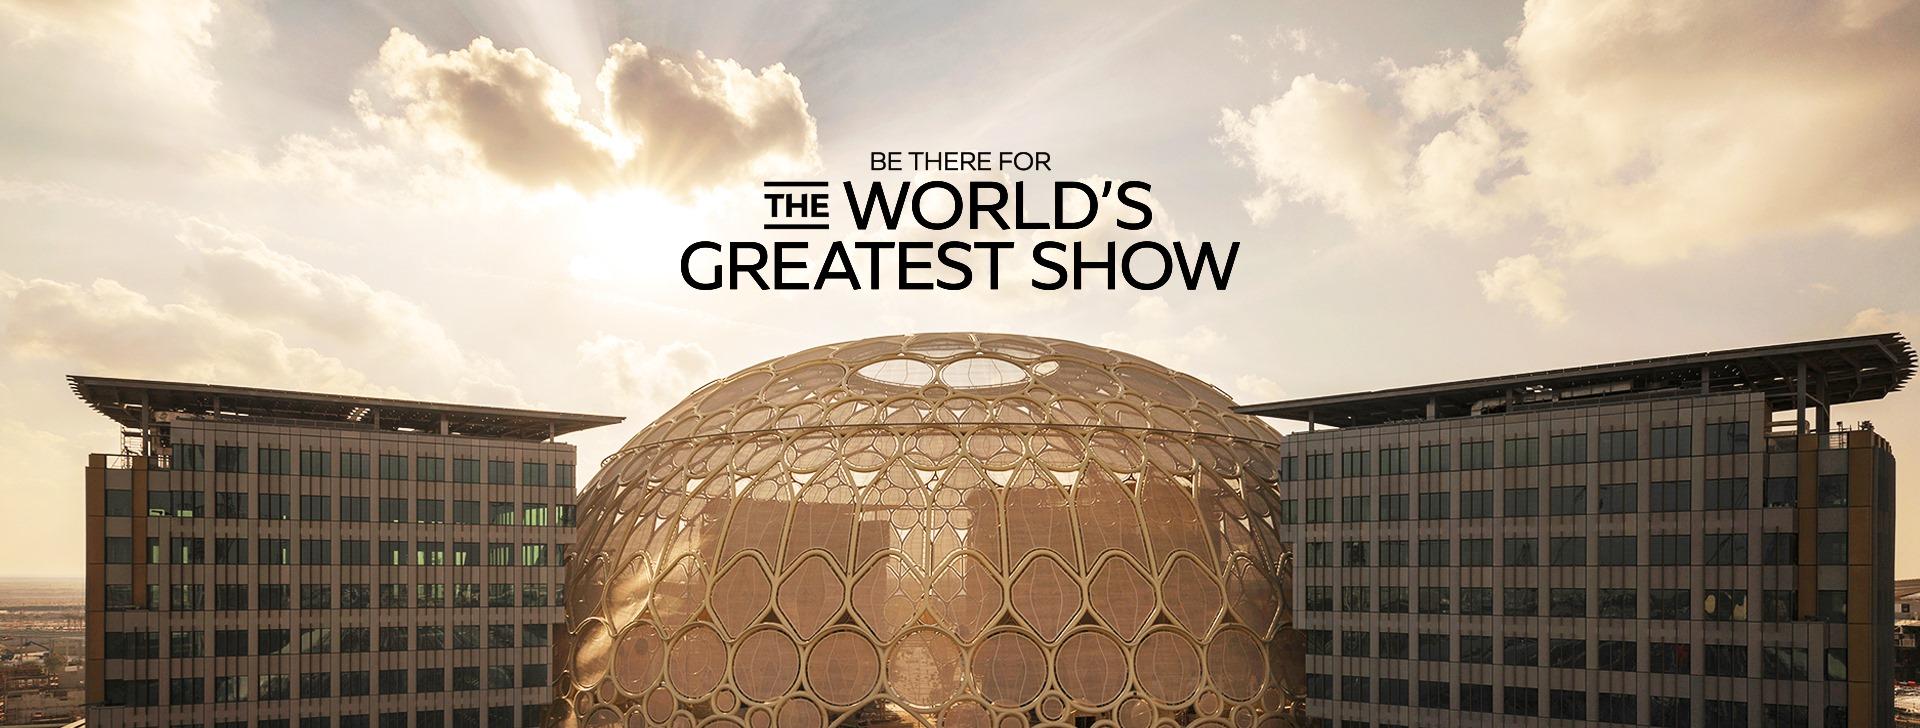 EVASIO - Exposition Dubai 2022